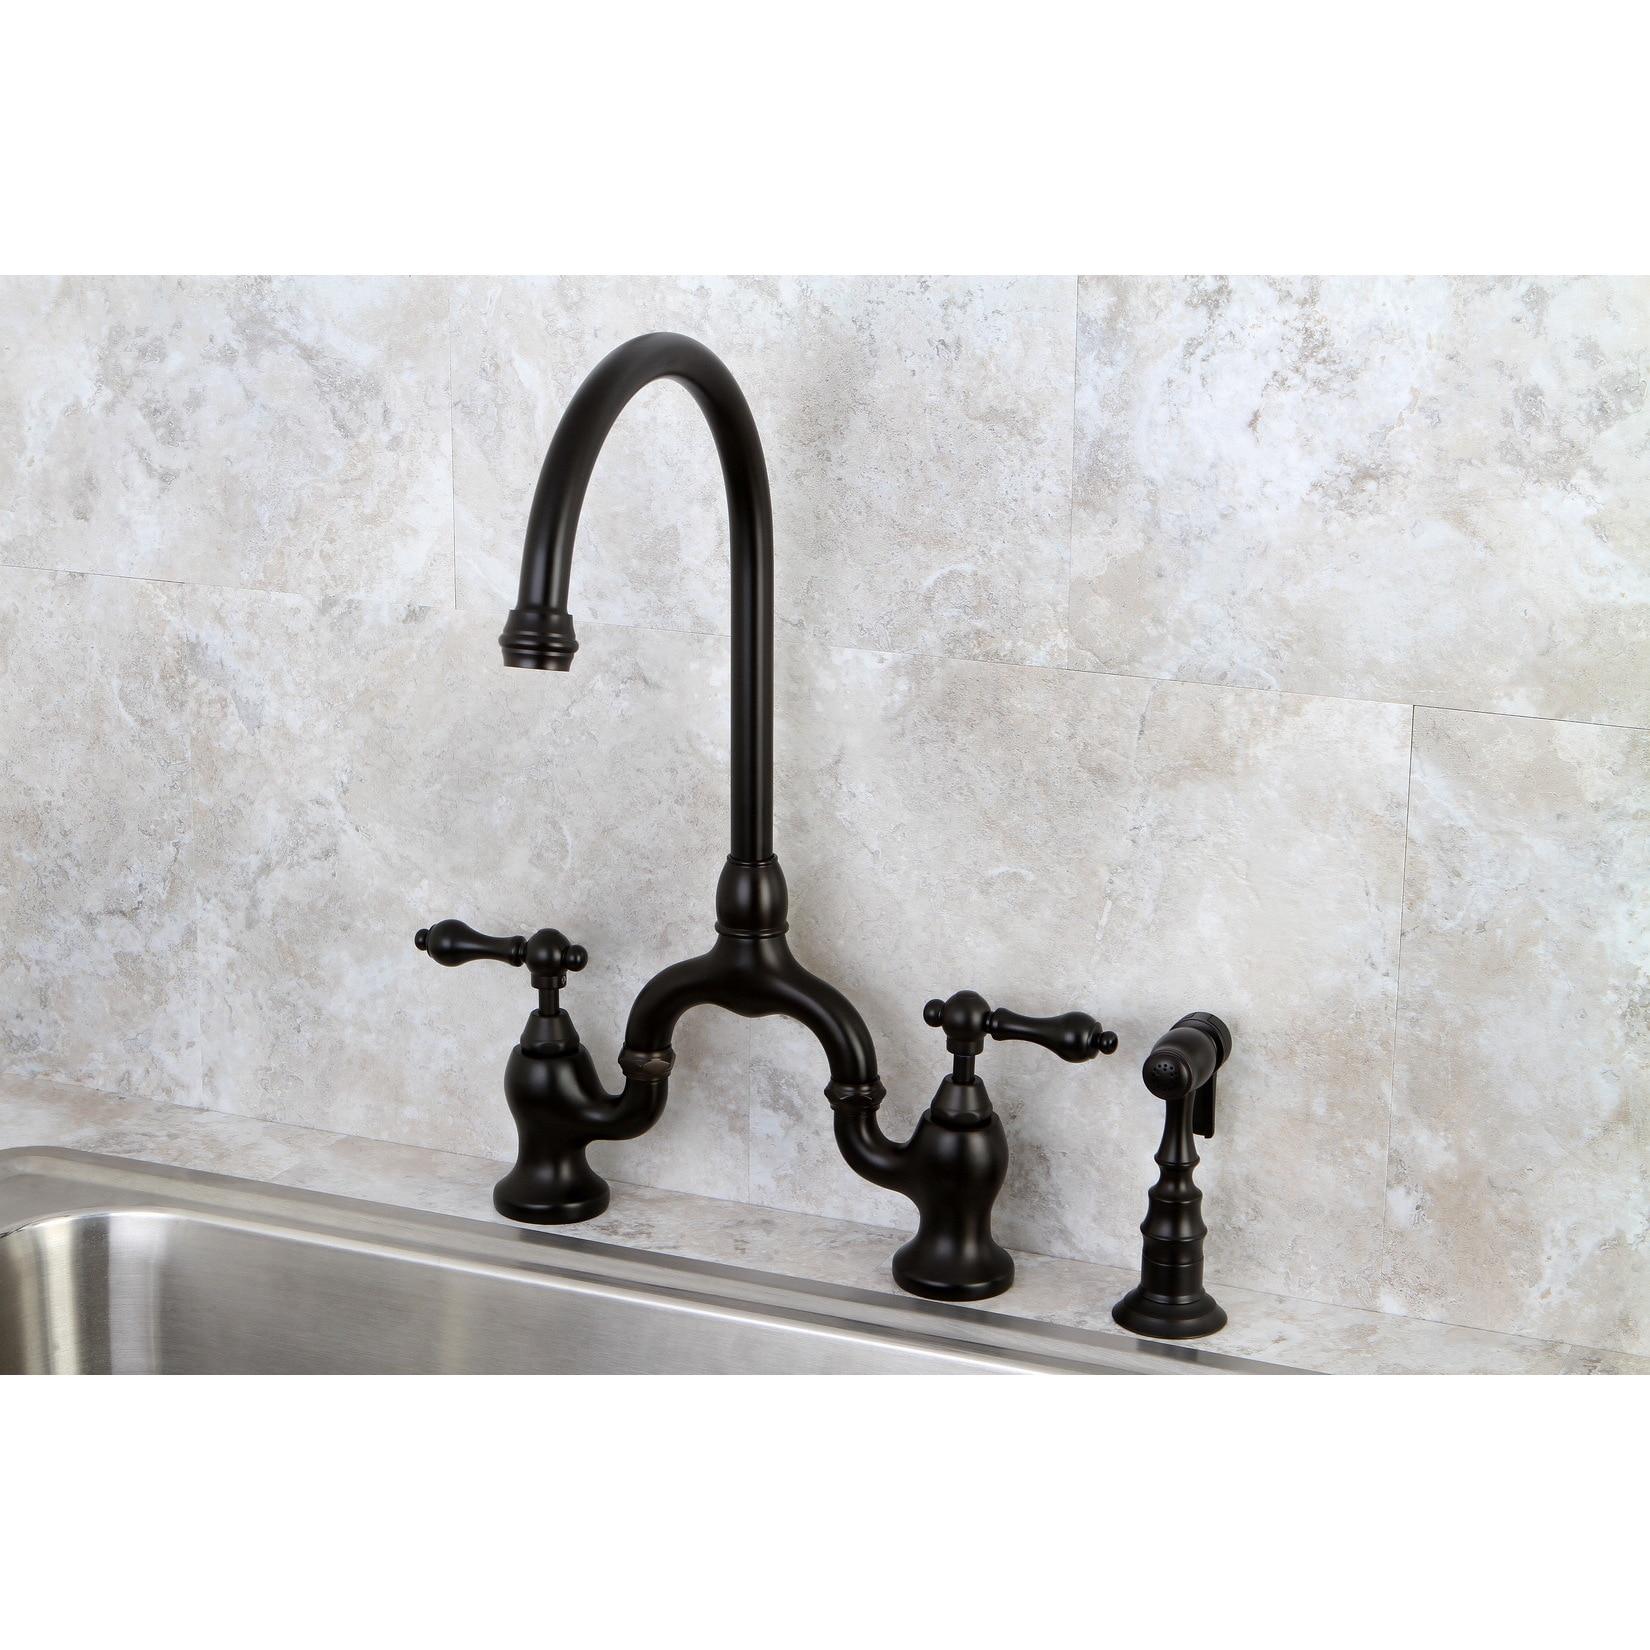 Bridge Kitchen Faucet With Side Spray | Shop Vintage High Spout Oil Rubbed Bronze Bridge Kitchen Faucet With